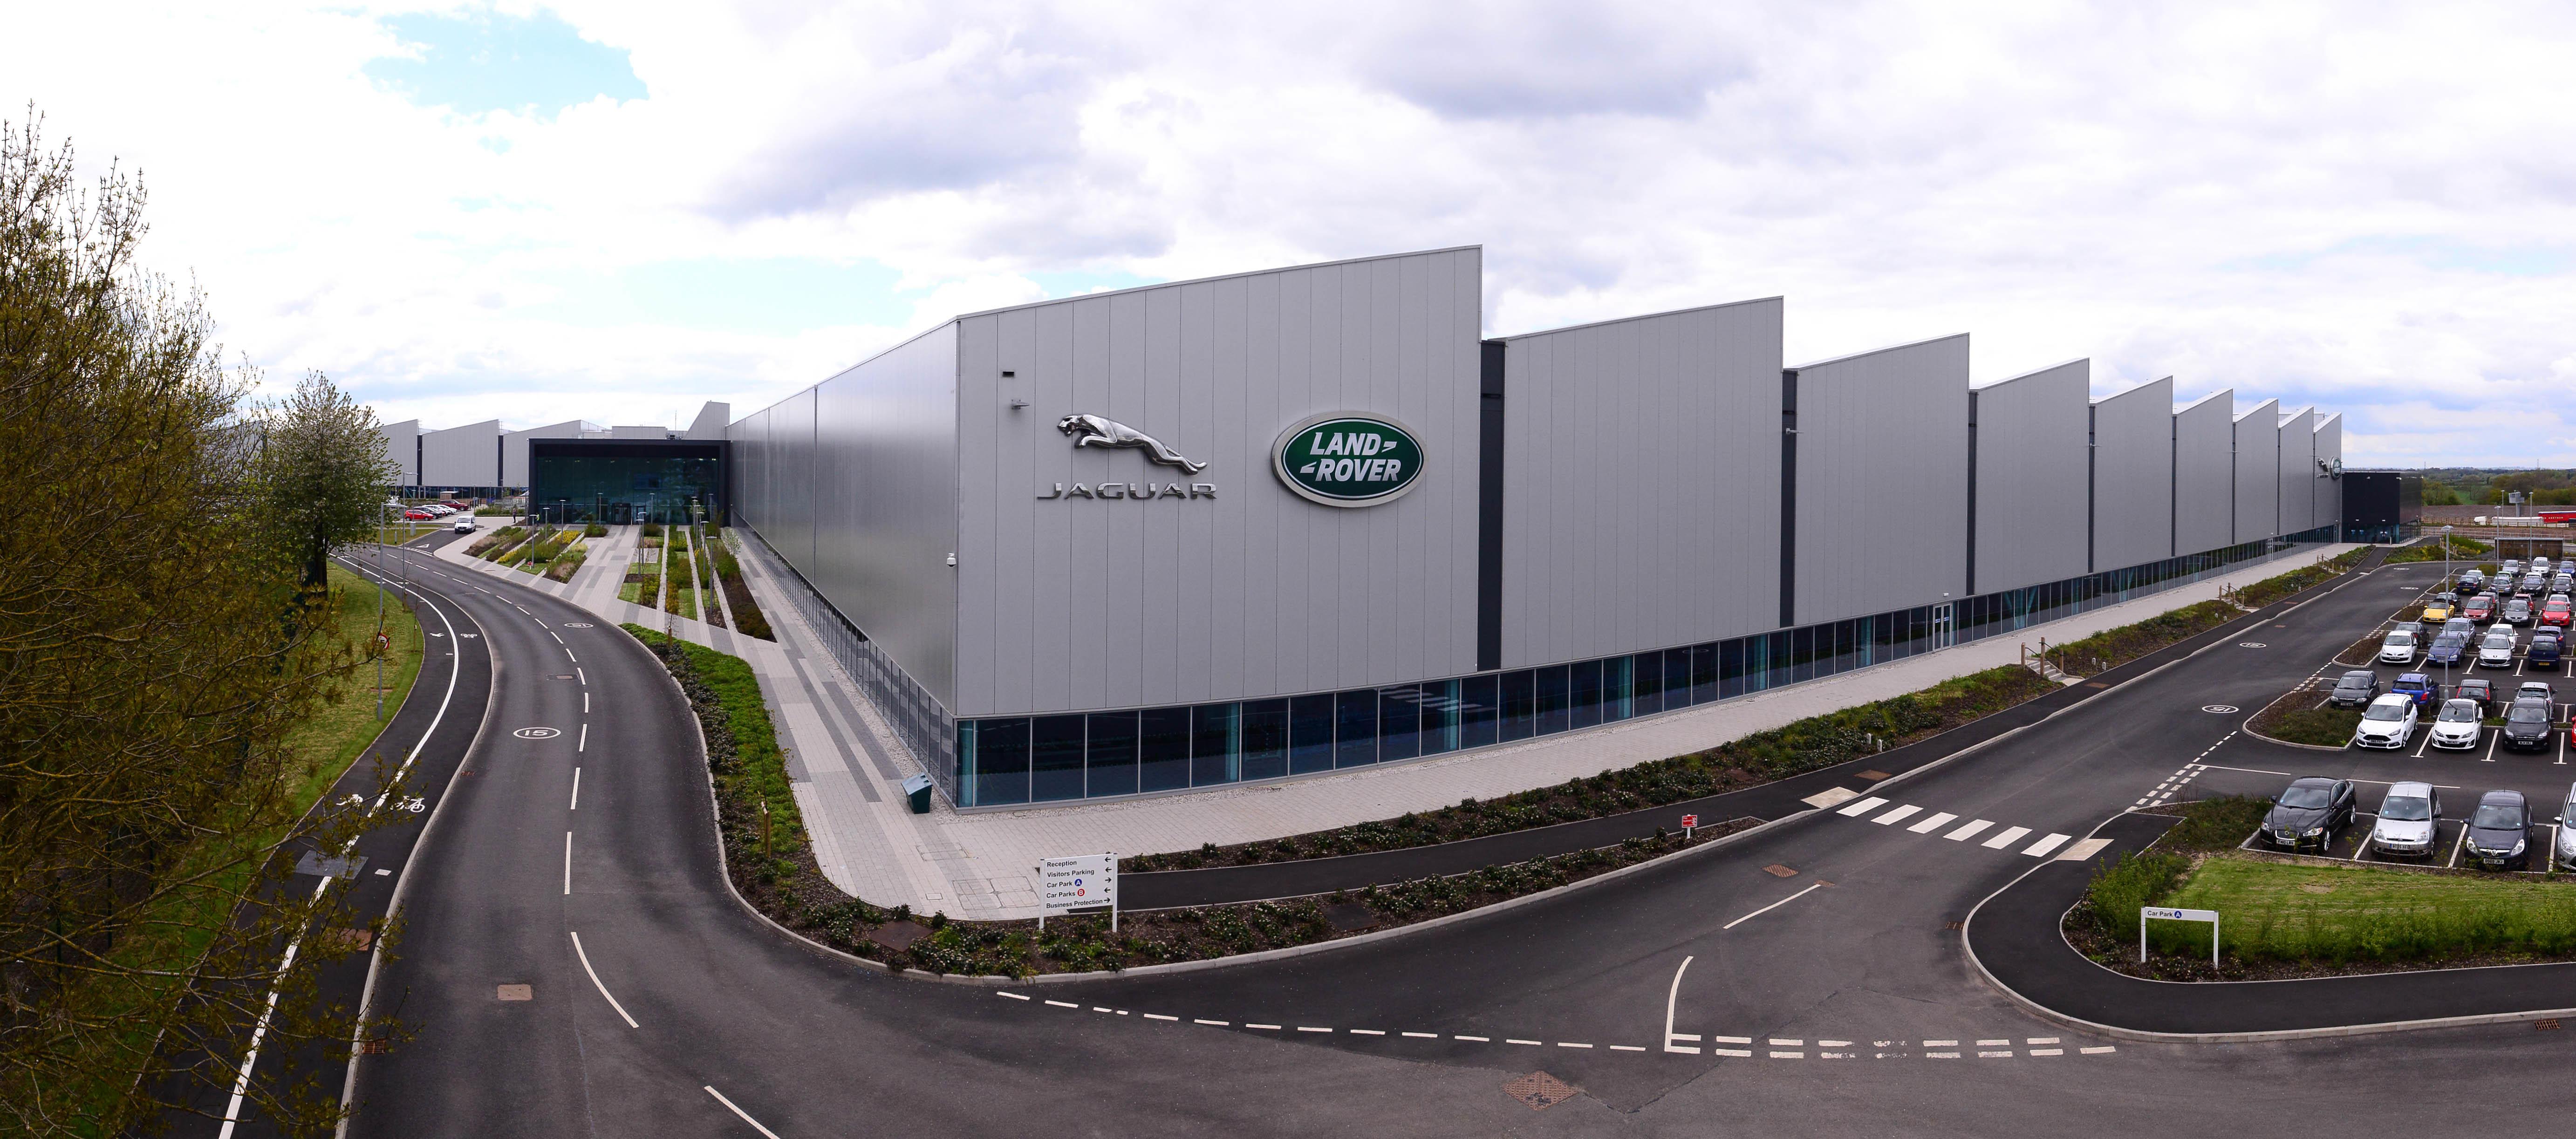 jaguar land rover engine manufacturing centre business. Black Bedroom Furniture Sets. Home Design Ideas